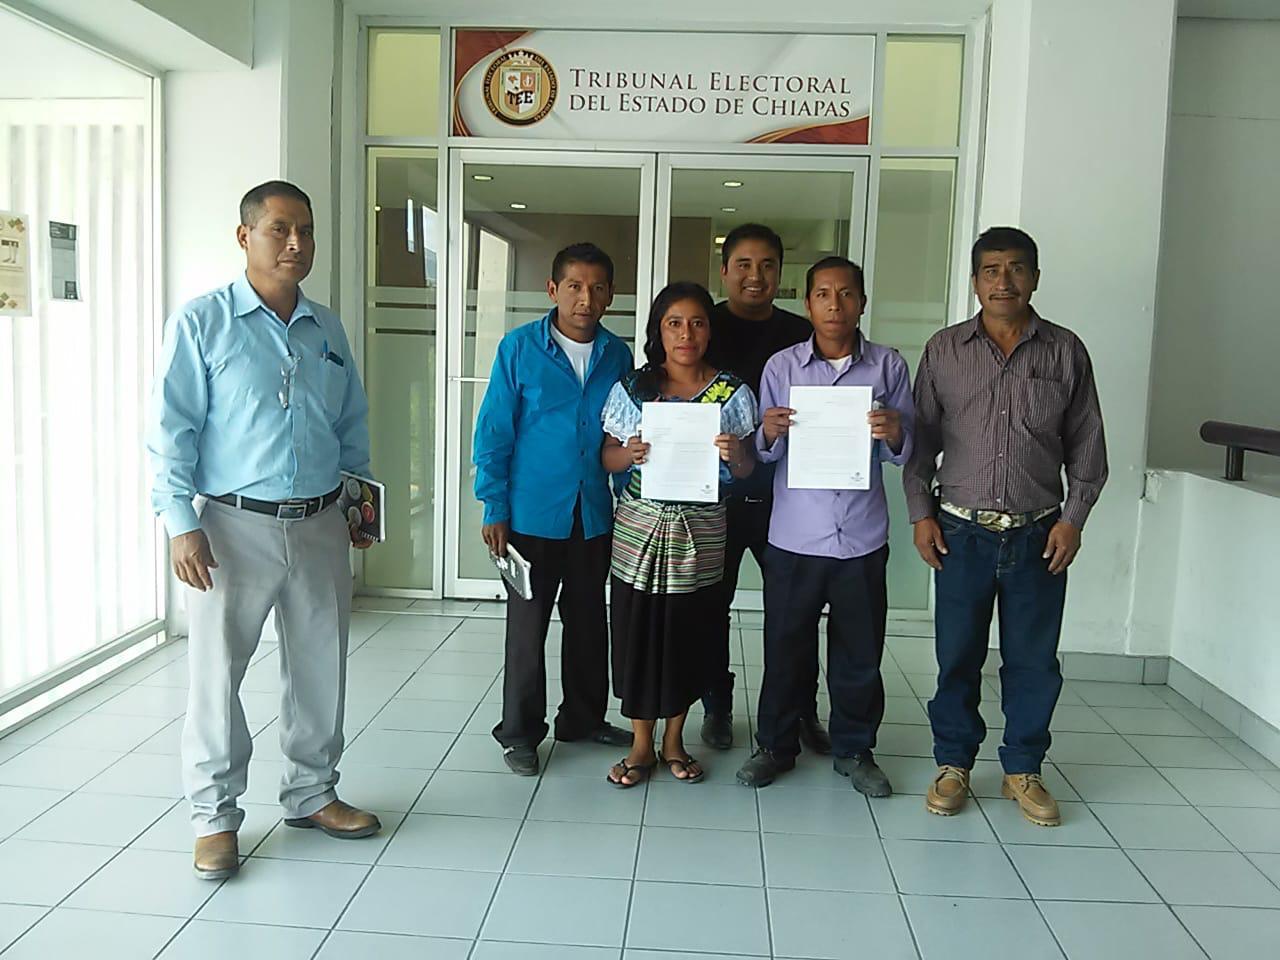 Gobierno Comunitario de Chilón y Sitala llegan al TEECH para exigir pronta respuesta